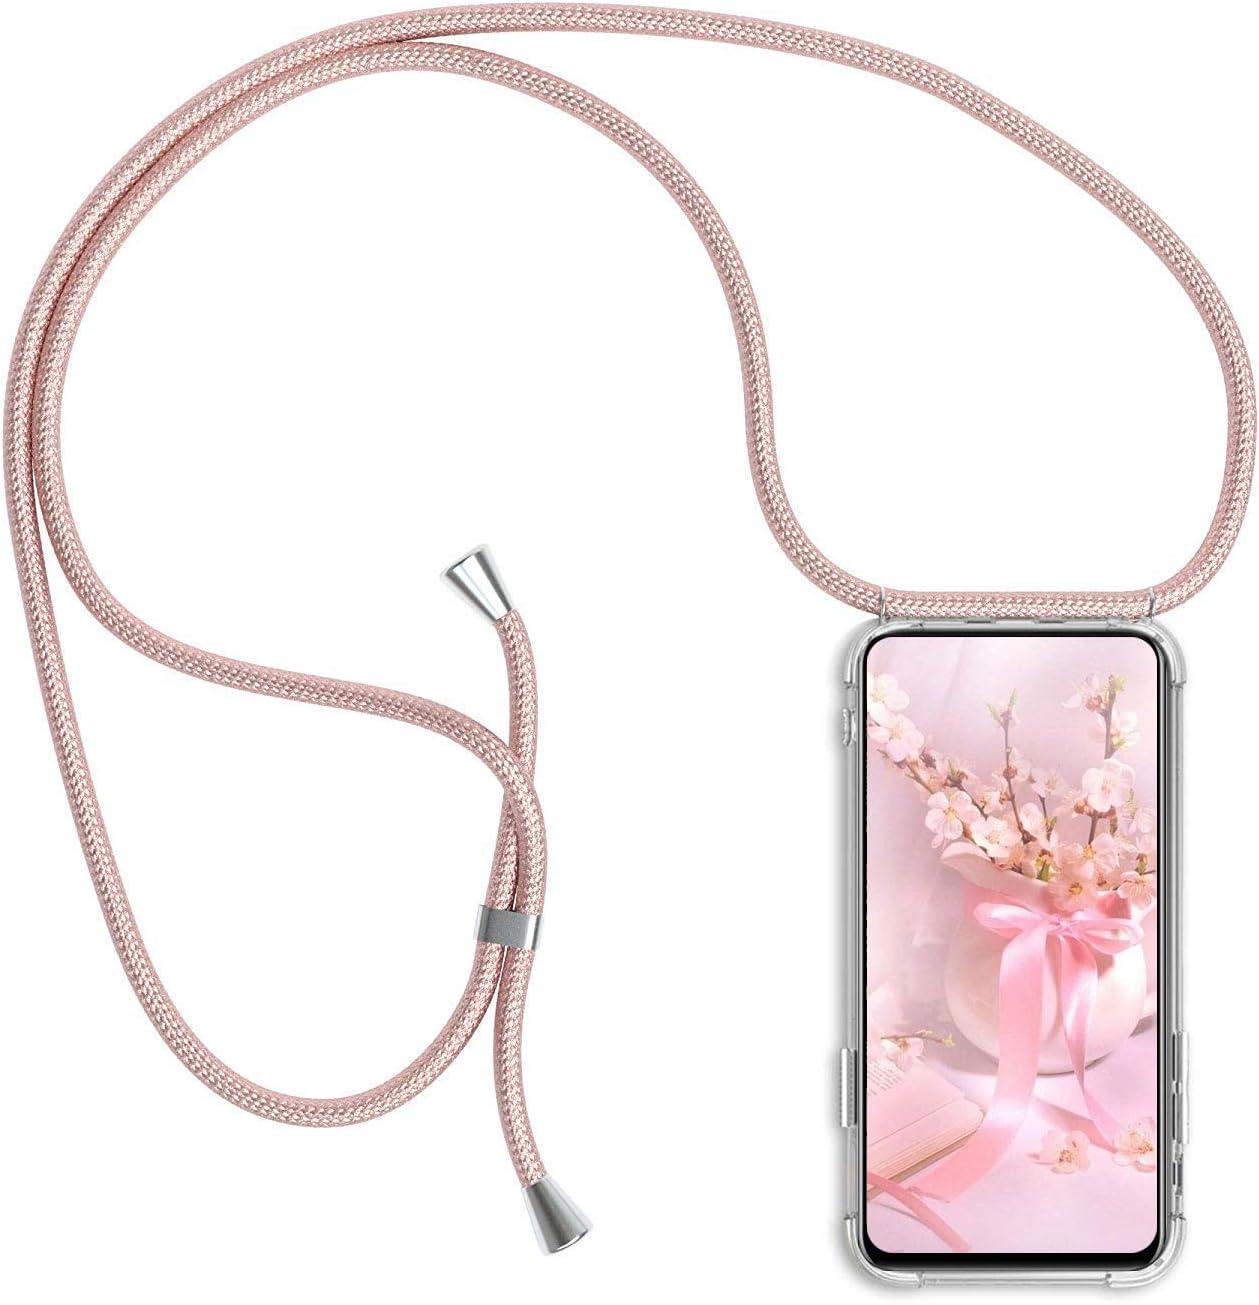 Funda Colgante movil con Cuerda para Xiaomi Redmi Note 6 Pro, Carcasa Transparente de TPU con Ajustable Cordón [Anti-Choque] Anti-rasguños Suave Silicona Caso - Oro Rosa